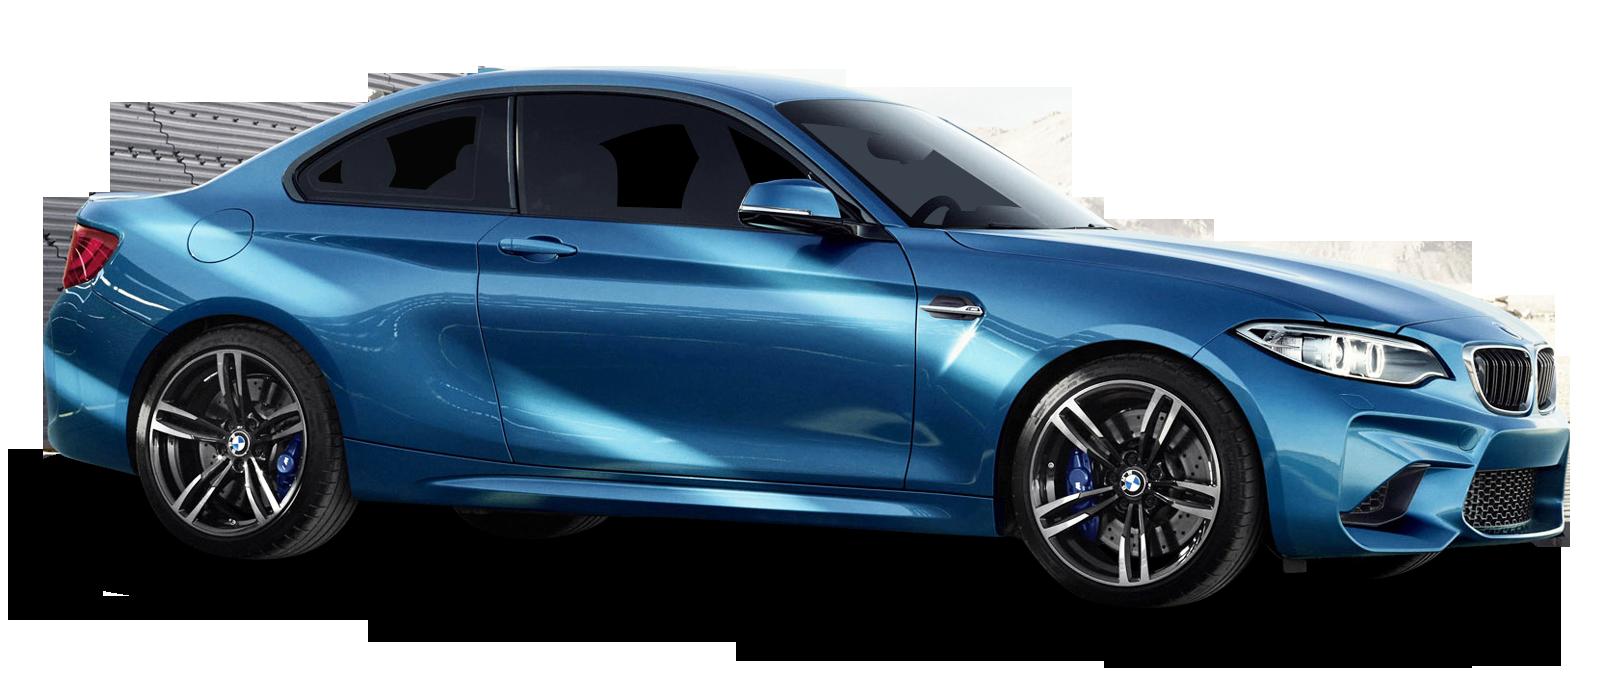 Blue BMW M2 Car